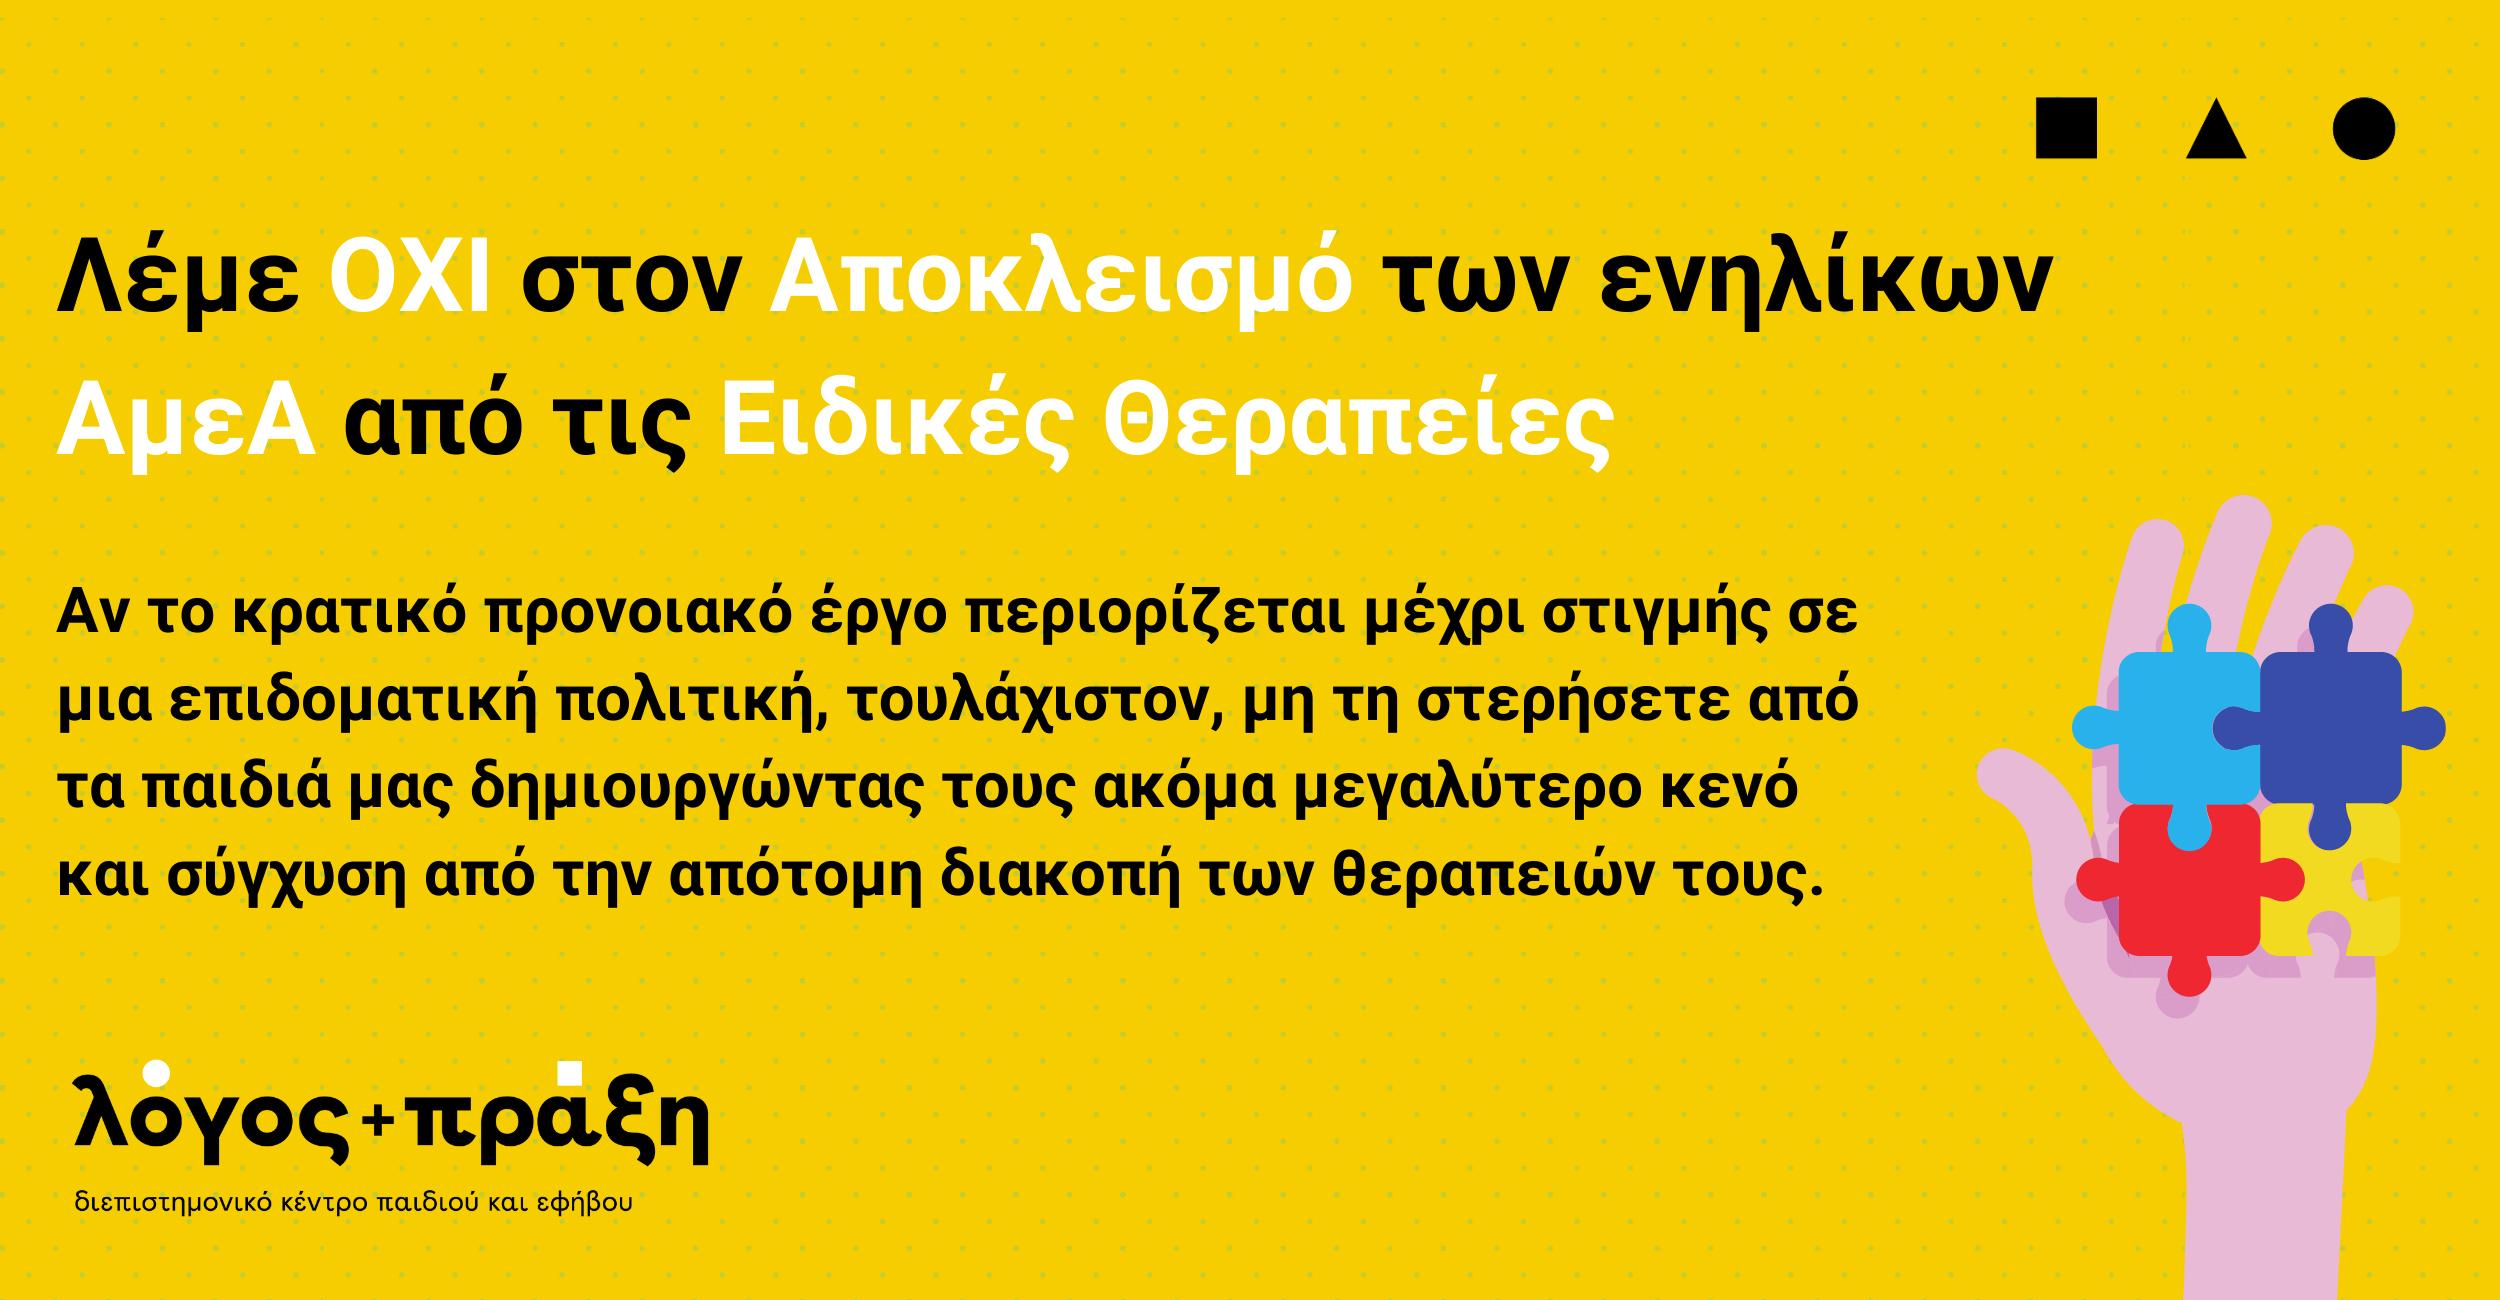 Για πρώτη φορά 79 φορείς και συλλογικότητες από όλη την Ελλάδα συσπειρώνονται και ΣΥΝ-υπογράφουν μία επιστολή για τις παρατηρούμενες περικοπές των ειδικών θεραπειών των ατόμων που χρήζουν ειδικής αγωγής μετά τα 18 τους έτη. Γονείς οργανωμένοι σε σωματεία, σύλλογοι γονέων/κηδεμόνων/φίλων και αρωγών ζητούν για ακόμα μία φορά το αυτονόητο… να συνεχίσουν τα παιδιά τους να ζουν με αξιοπρέπεια, με πρόσβαση στις θεραπείες που χρειάζονται.